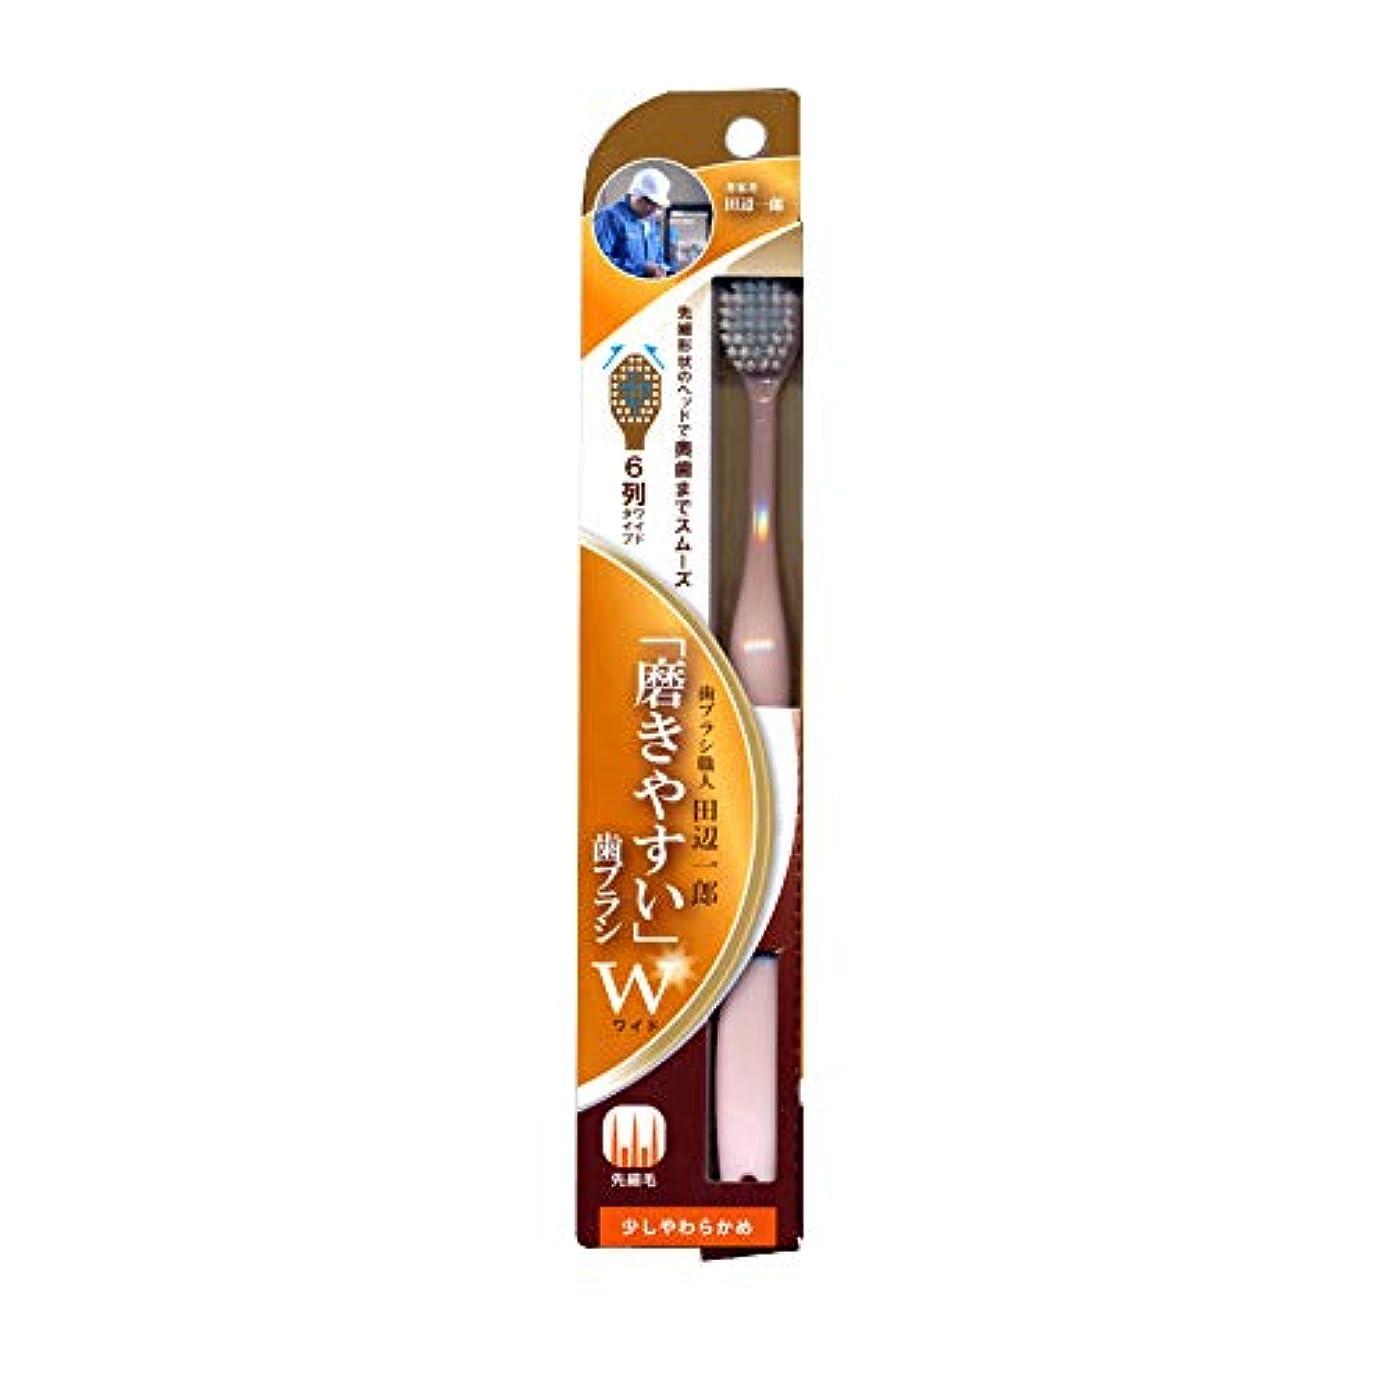 繊毛非アクティブ編集者磨きやすい歯ブラシ 6列ワイドタイプ LT-46 少し柔らかめ (色選択不可)(先細毛)